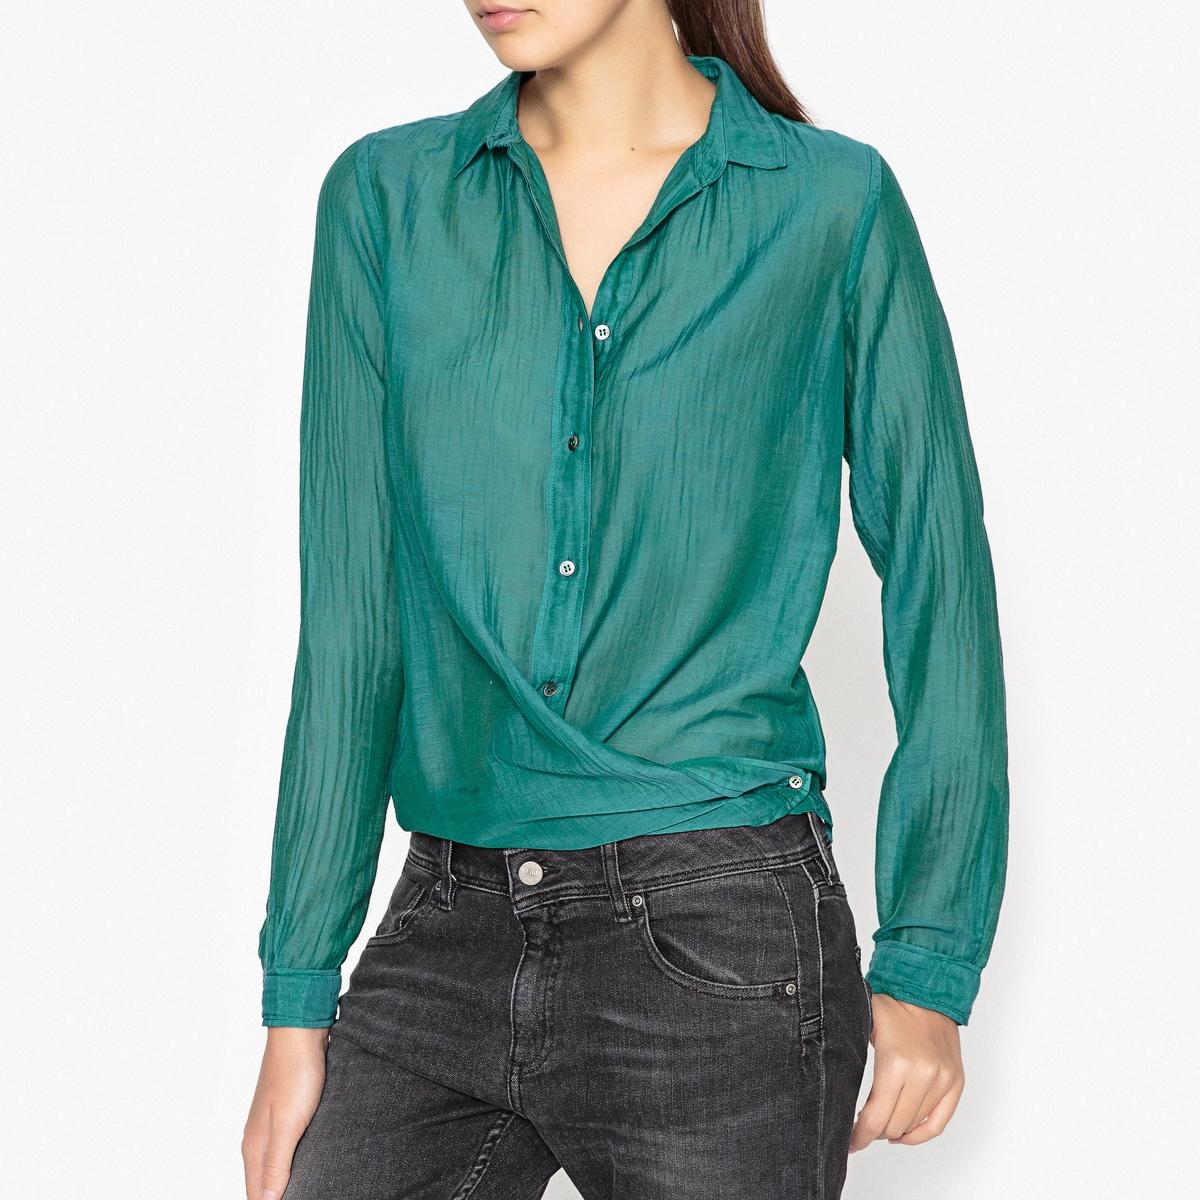 Рубашка из шелка и хлопкаРубашка с длинными рукавами из шелка и хлопка POMANDERE.Детали •  Длинные рукава  •  Приталенный покрой  •   V-образный вырезСостав и уход •  30% шелка, 70% хлопка  •  Следуйте советам по уходу, указанным на этикетке<br><br>Цвет: зеленый<br>Размер: 40 (FR) - 46 (RUS)